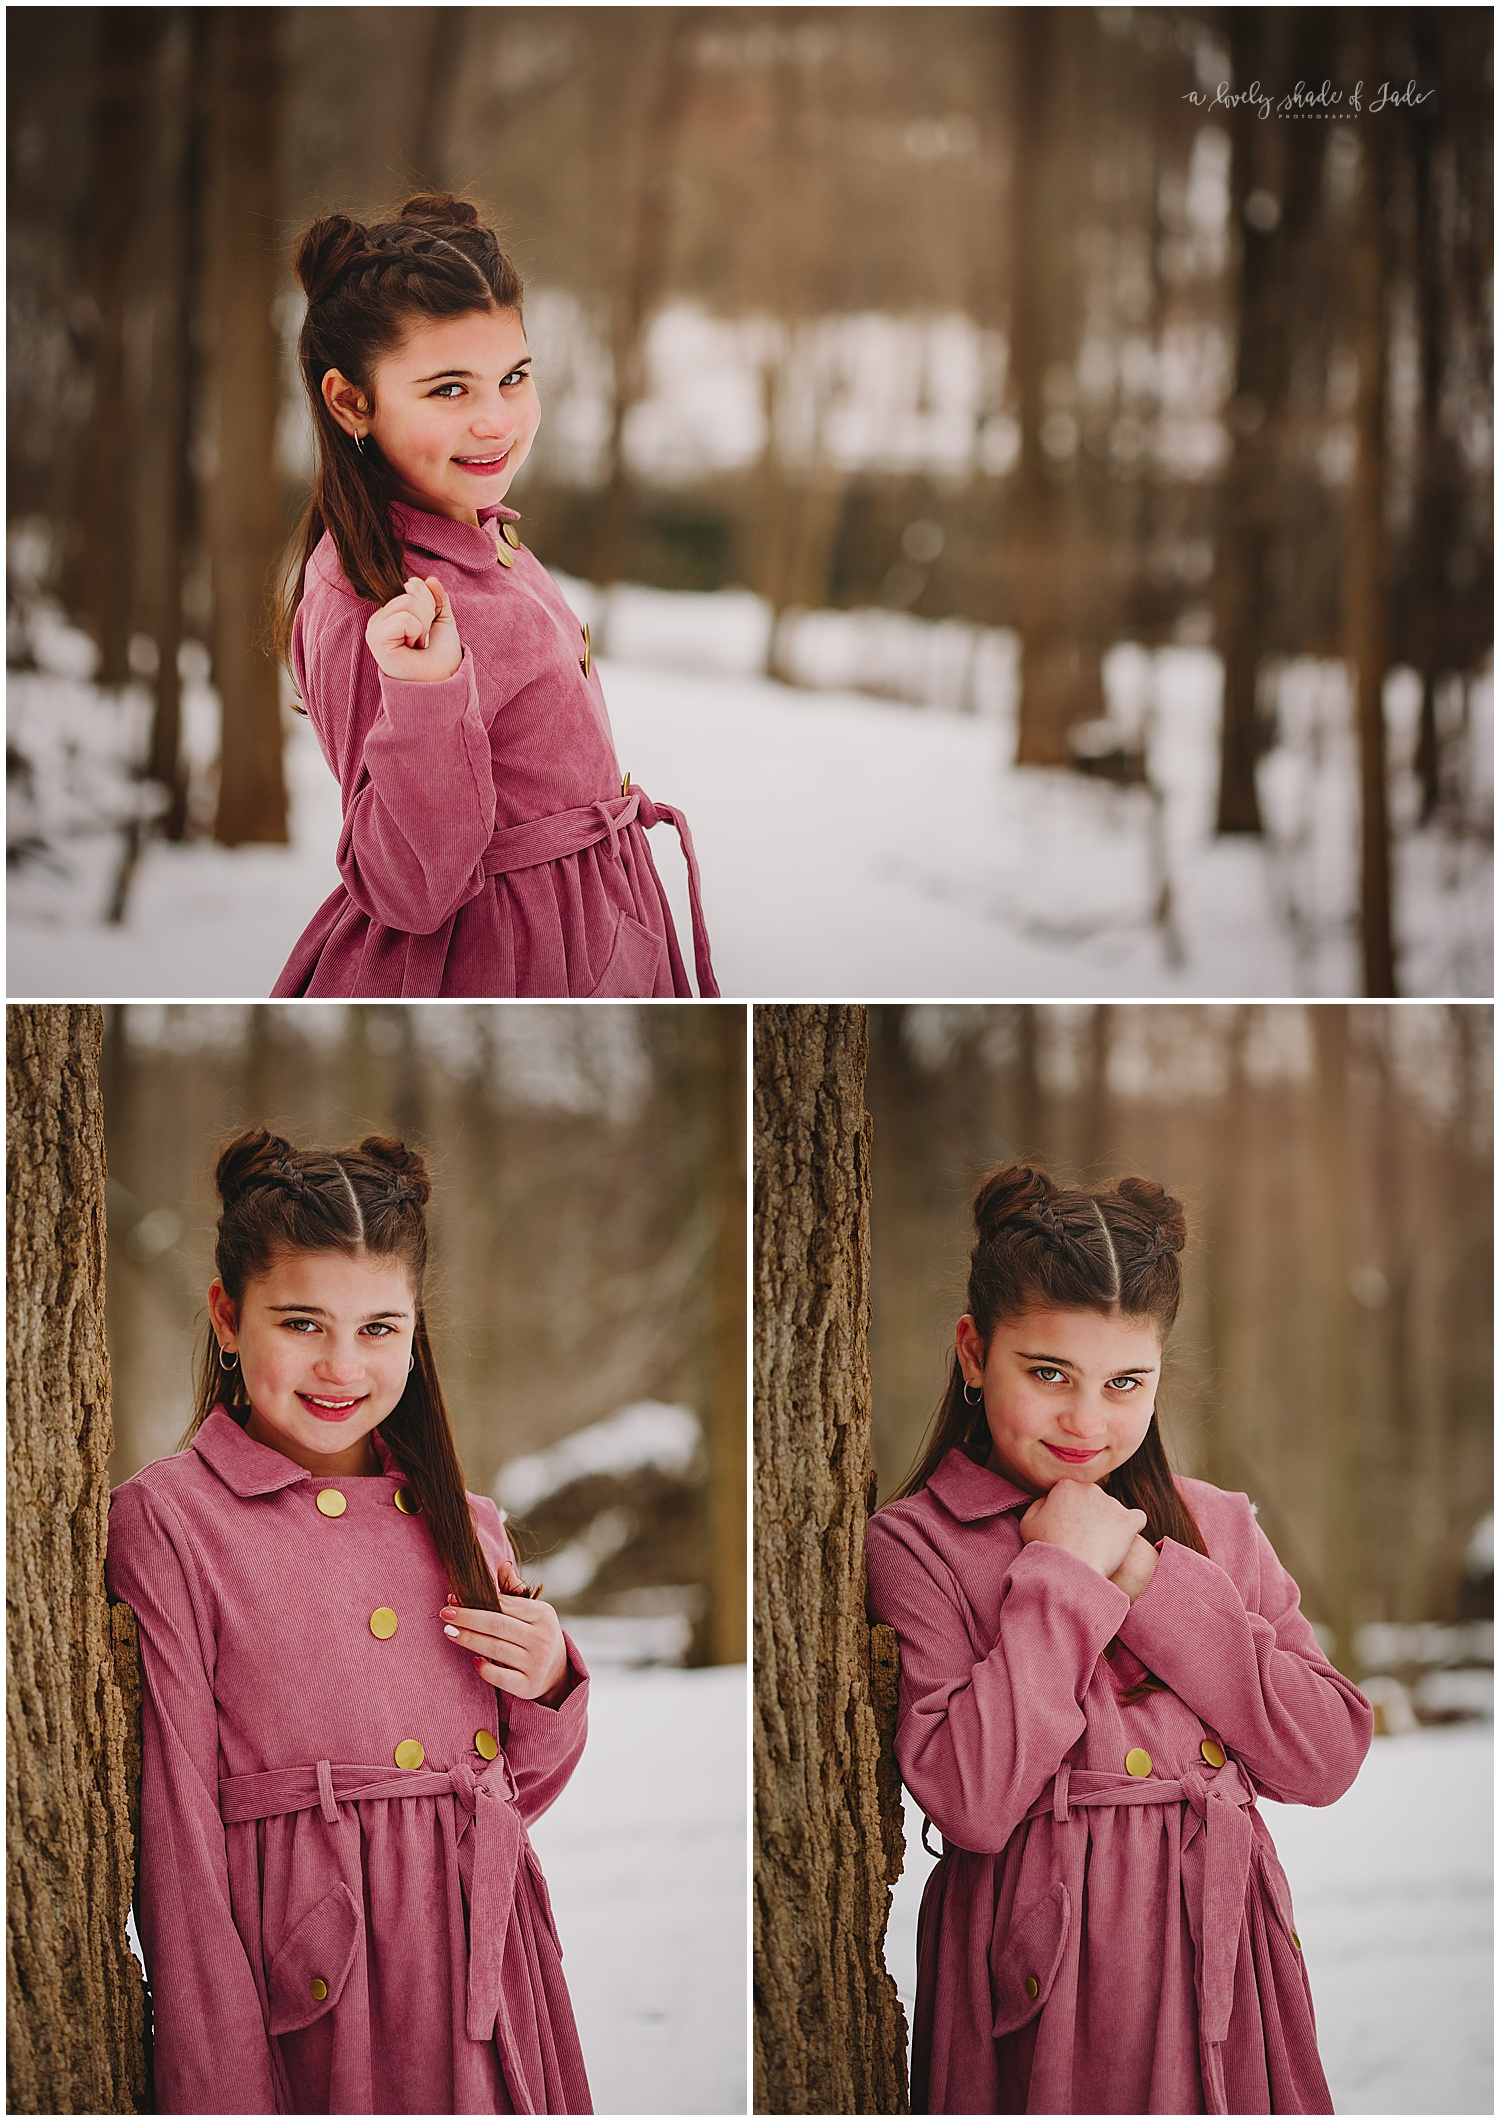 Morristown-NJ-Child-Photographer_0002.jpg